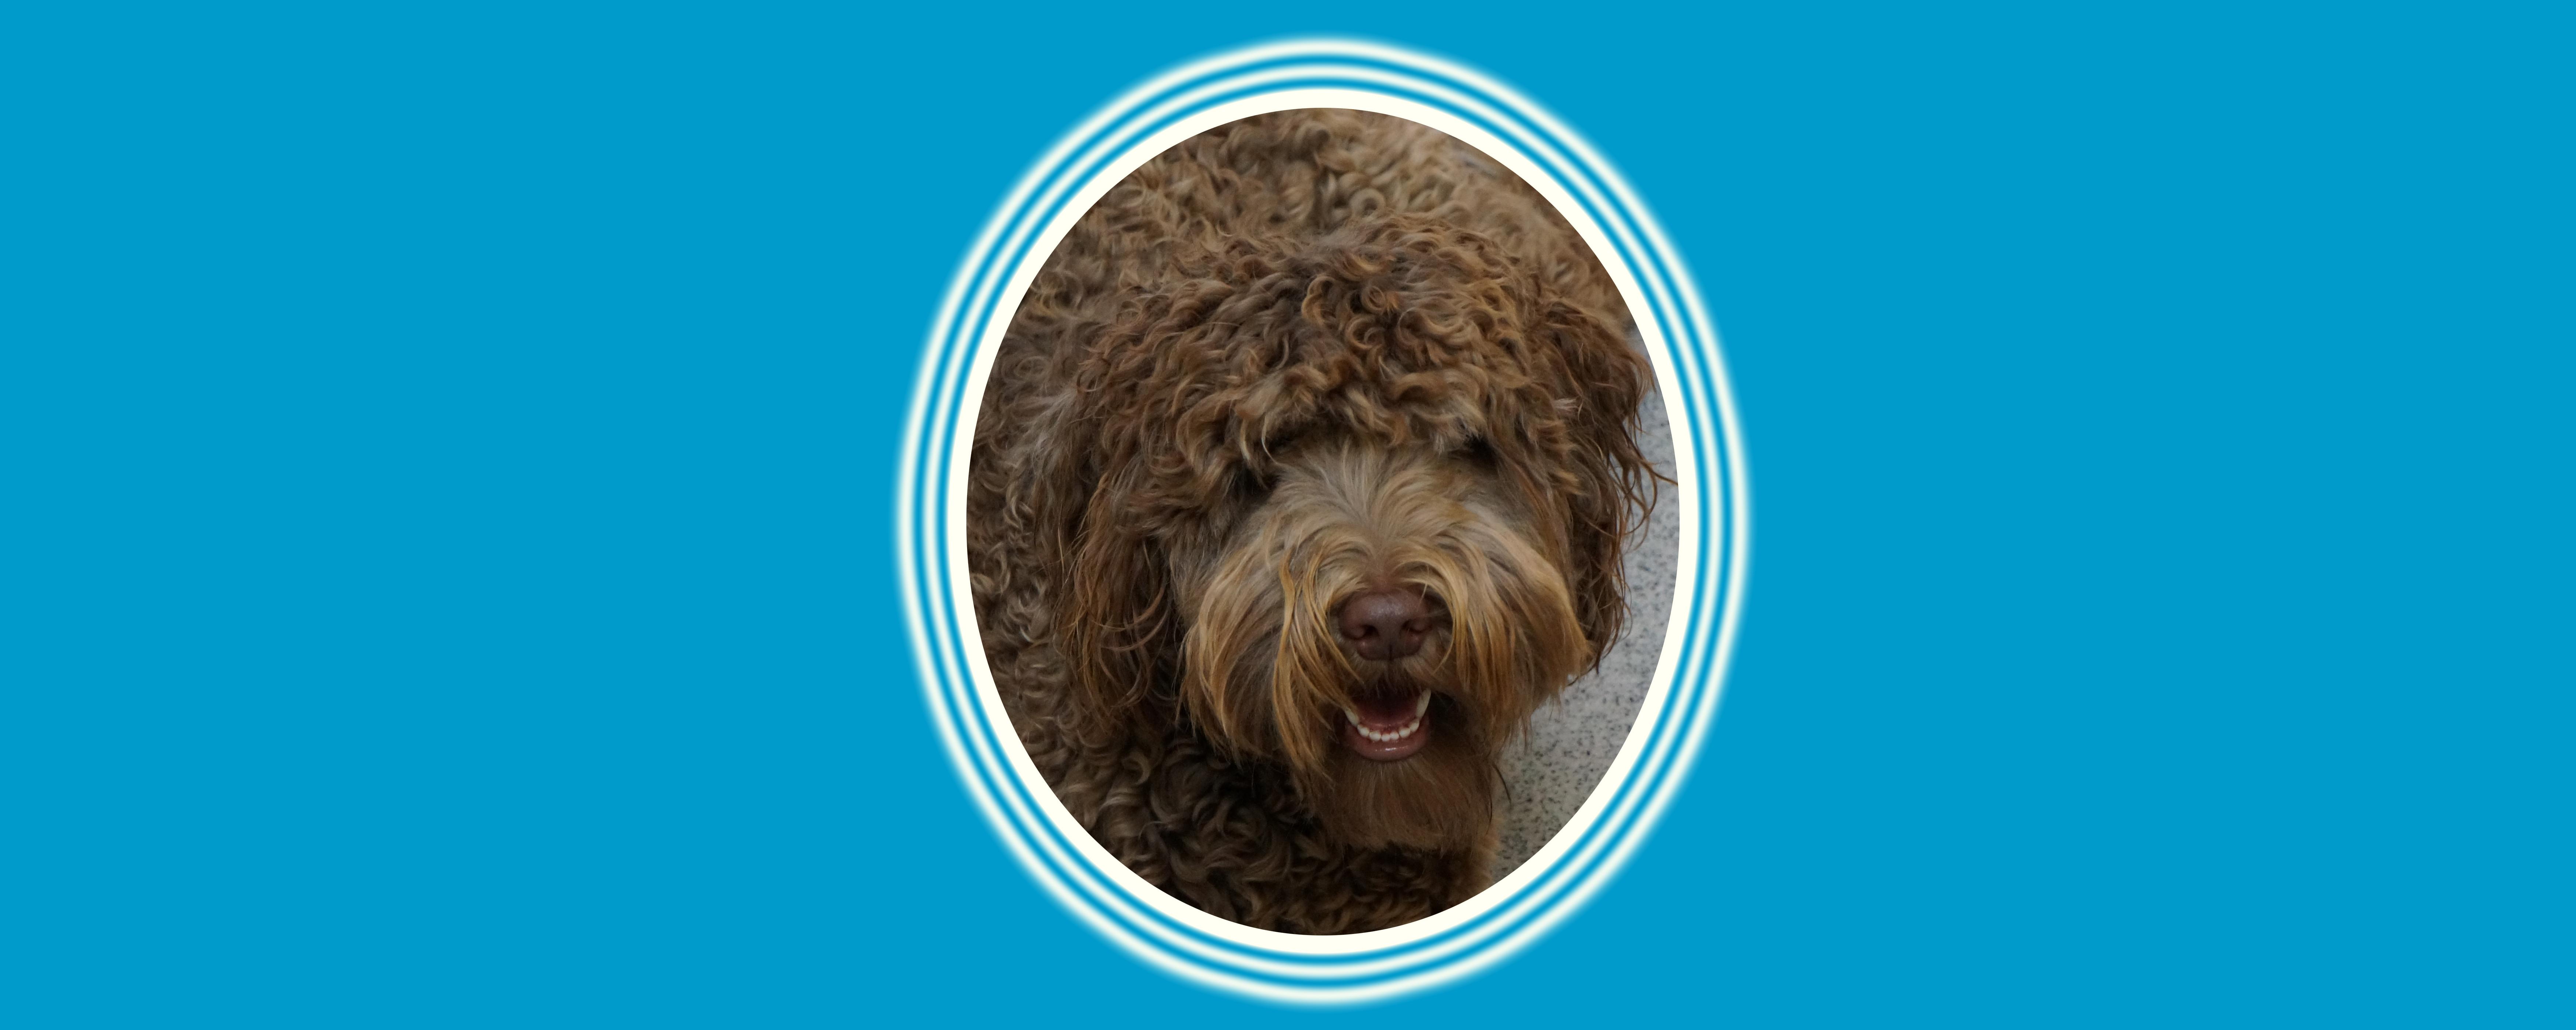 Dog of the Week: Tucker